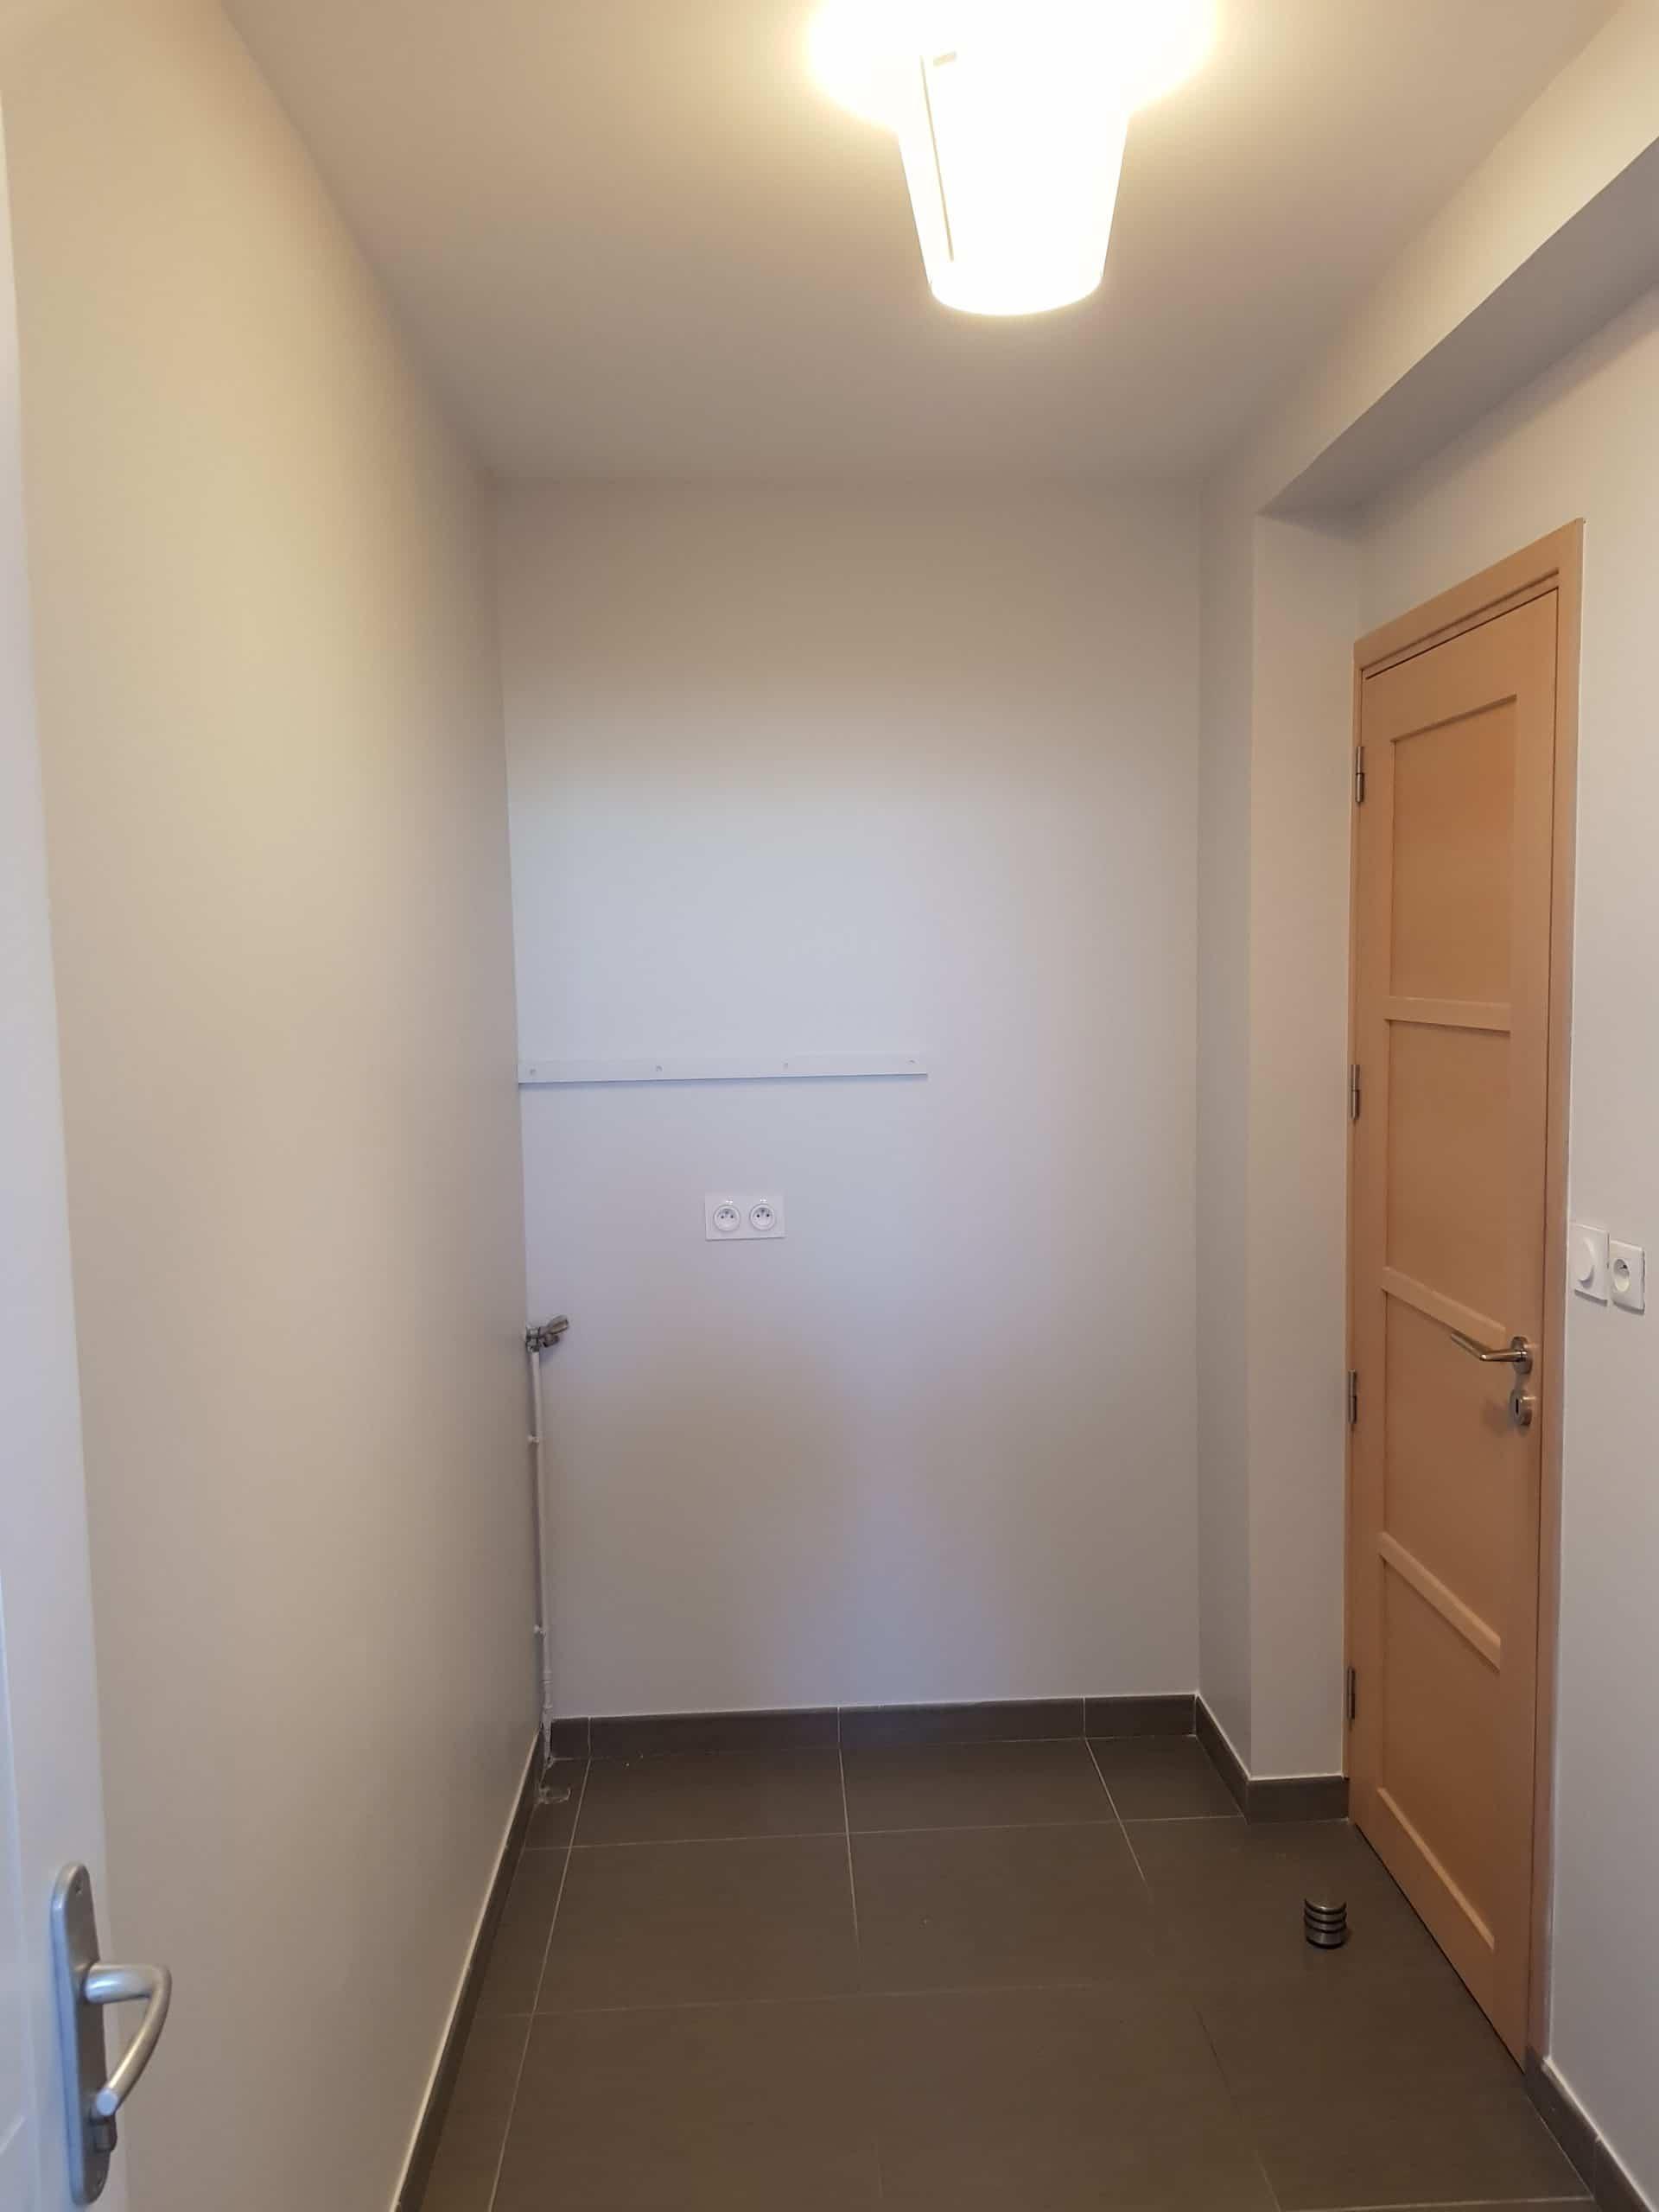 Rénovation de maison à Lys-lez-Lannoy (59)